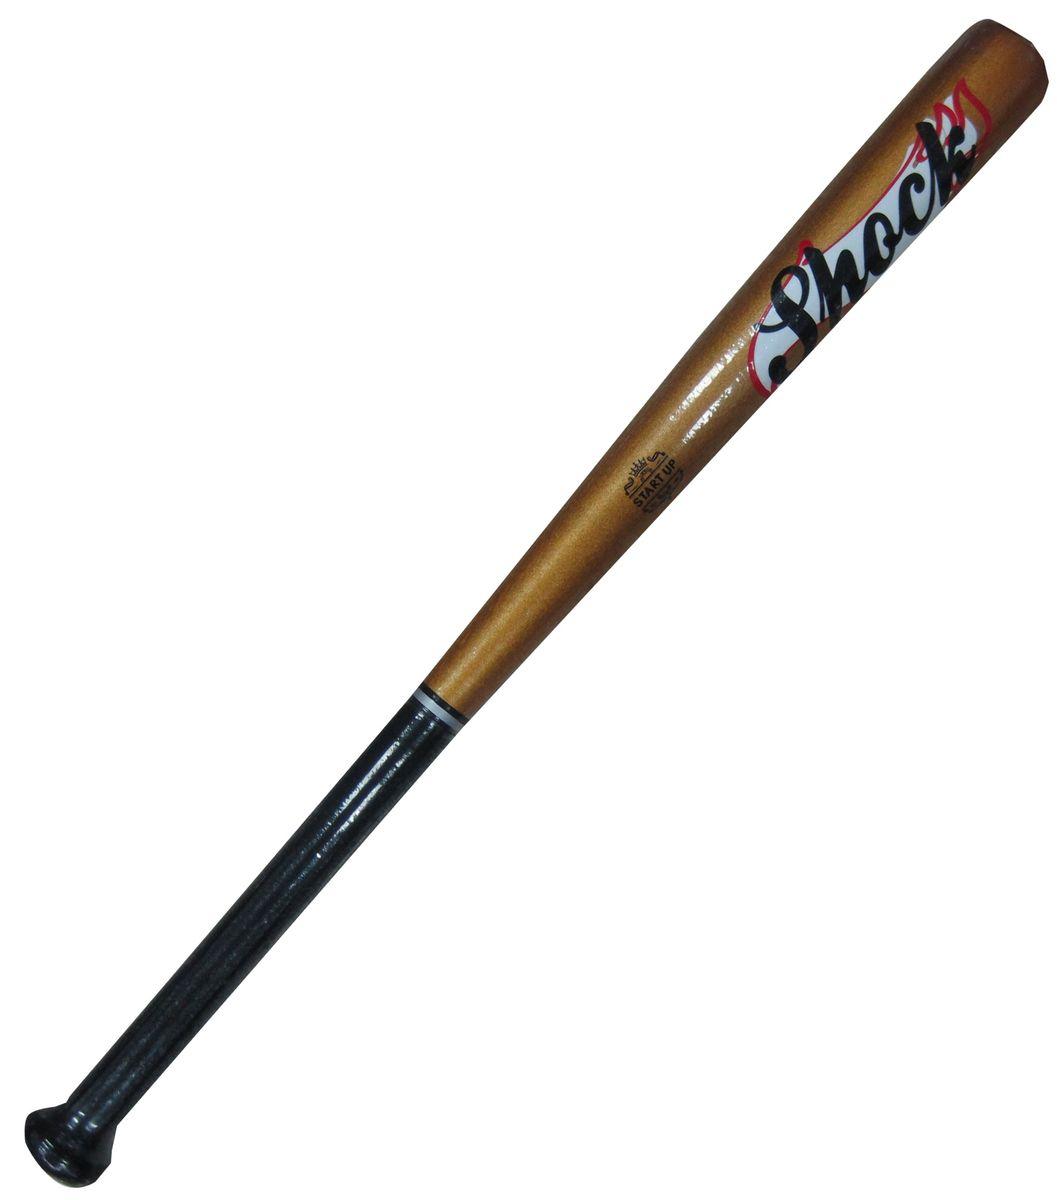 Бита бейсбольная Start UP R Shock, цвет: золото, 26339449Бейсбольная бита Start Up выполнена из каучукового дерева, а это значит, что она невероятно прочная и плотная. Размер - 26 (66 см).